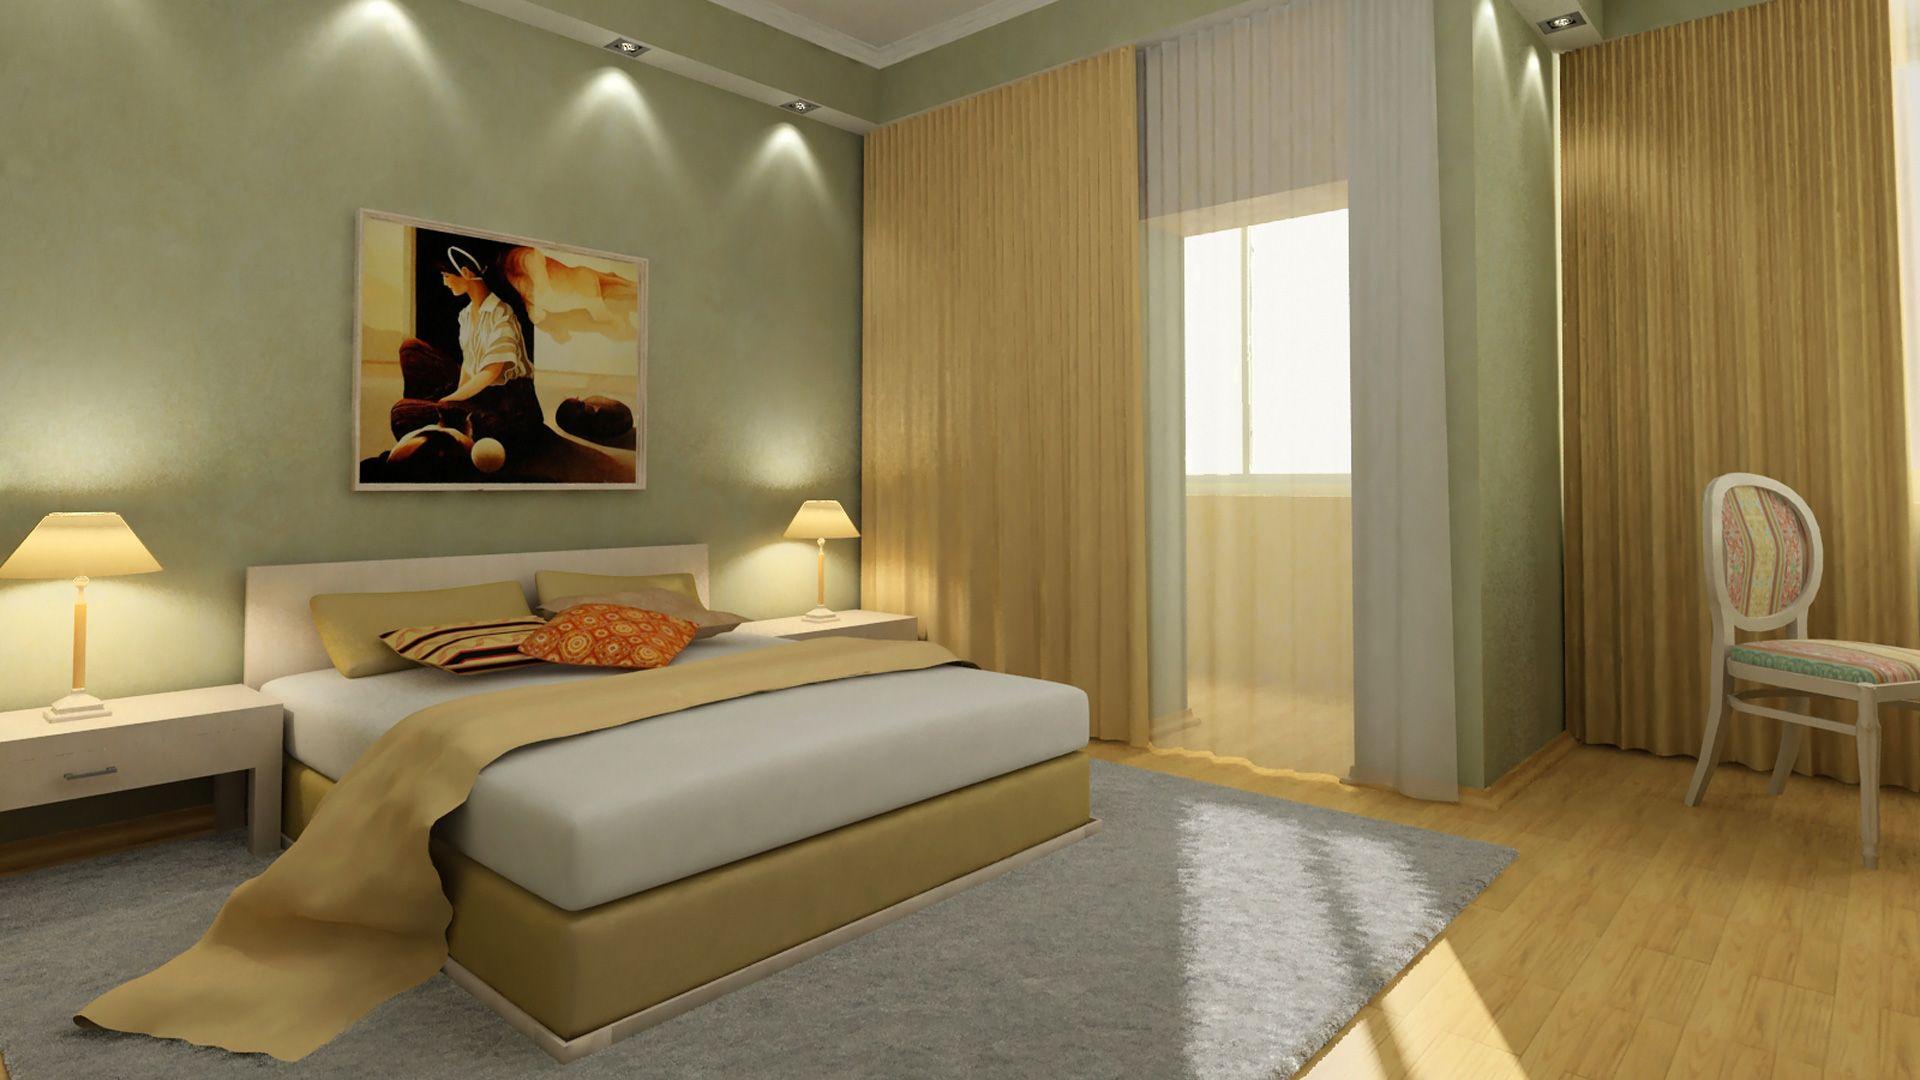 اشكال ديكورات لغرف النوم التركية (1)